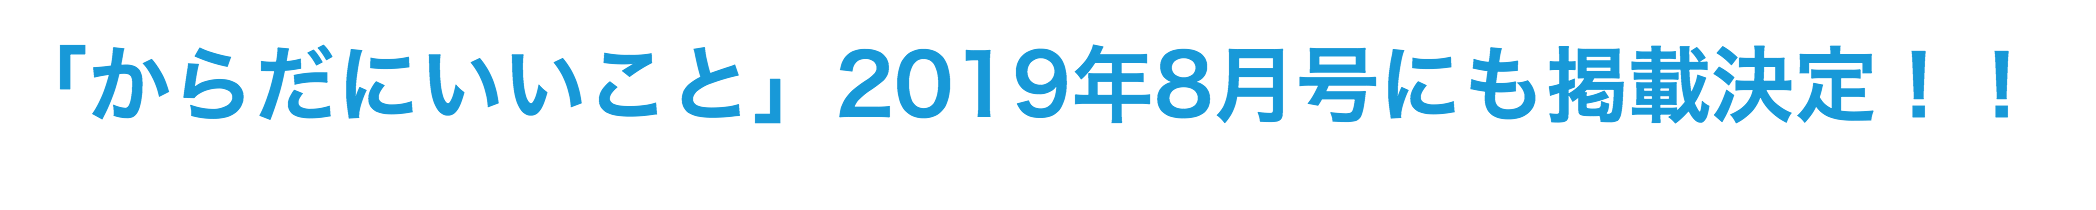 スクリーンショット 2019-05-02 15.16.19